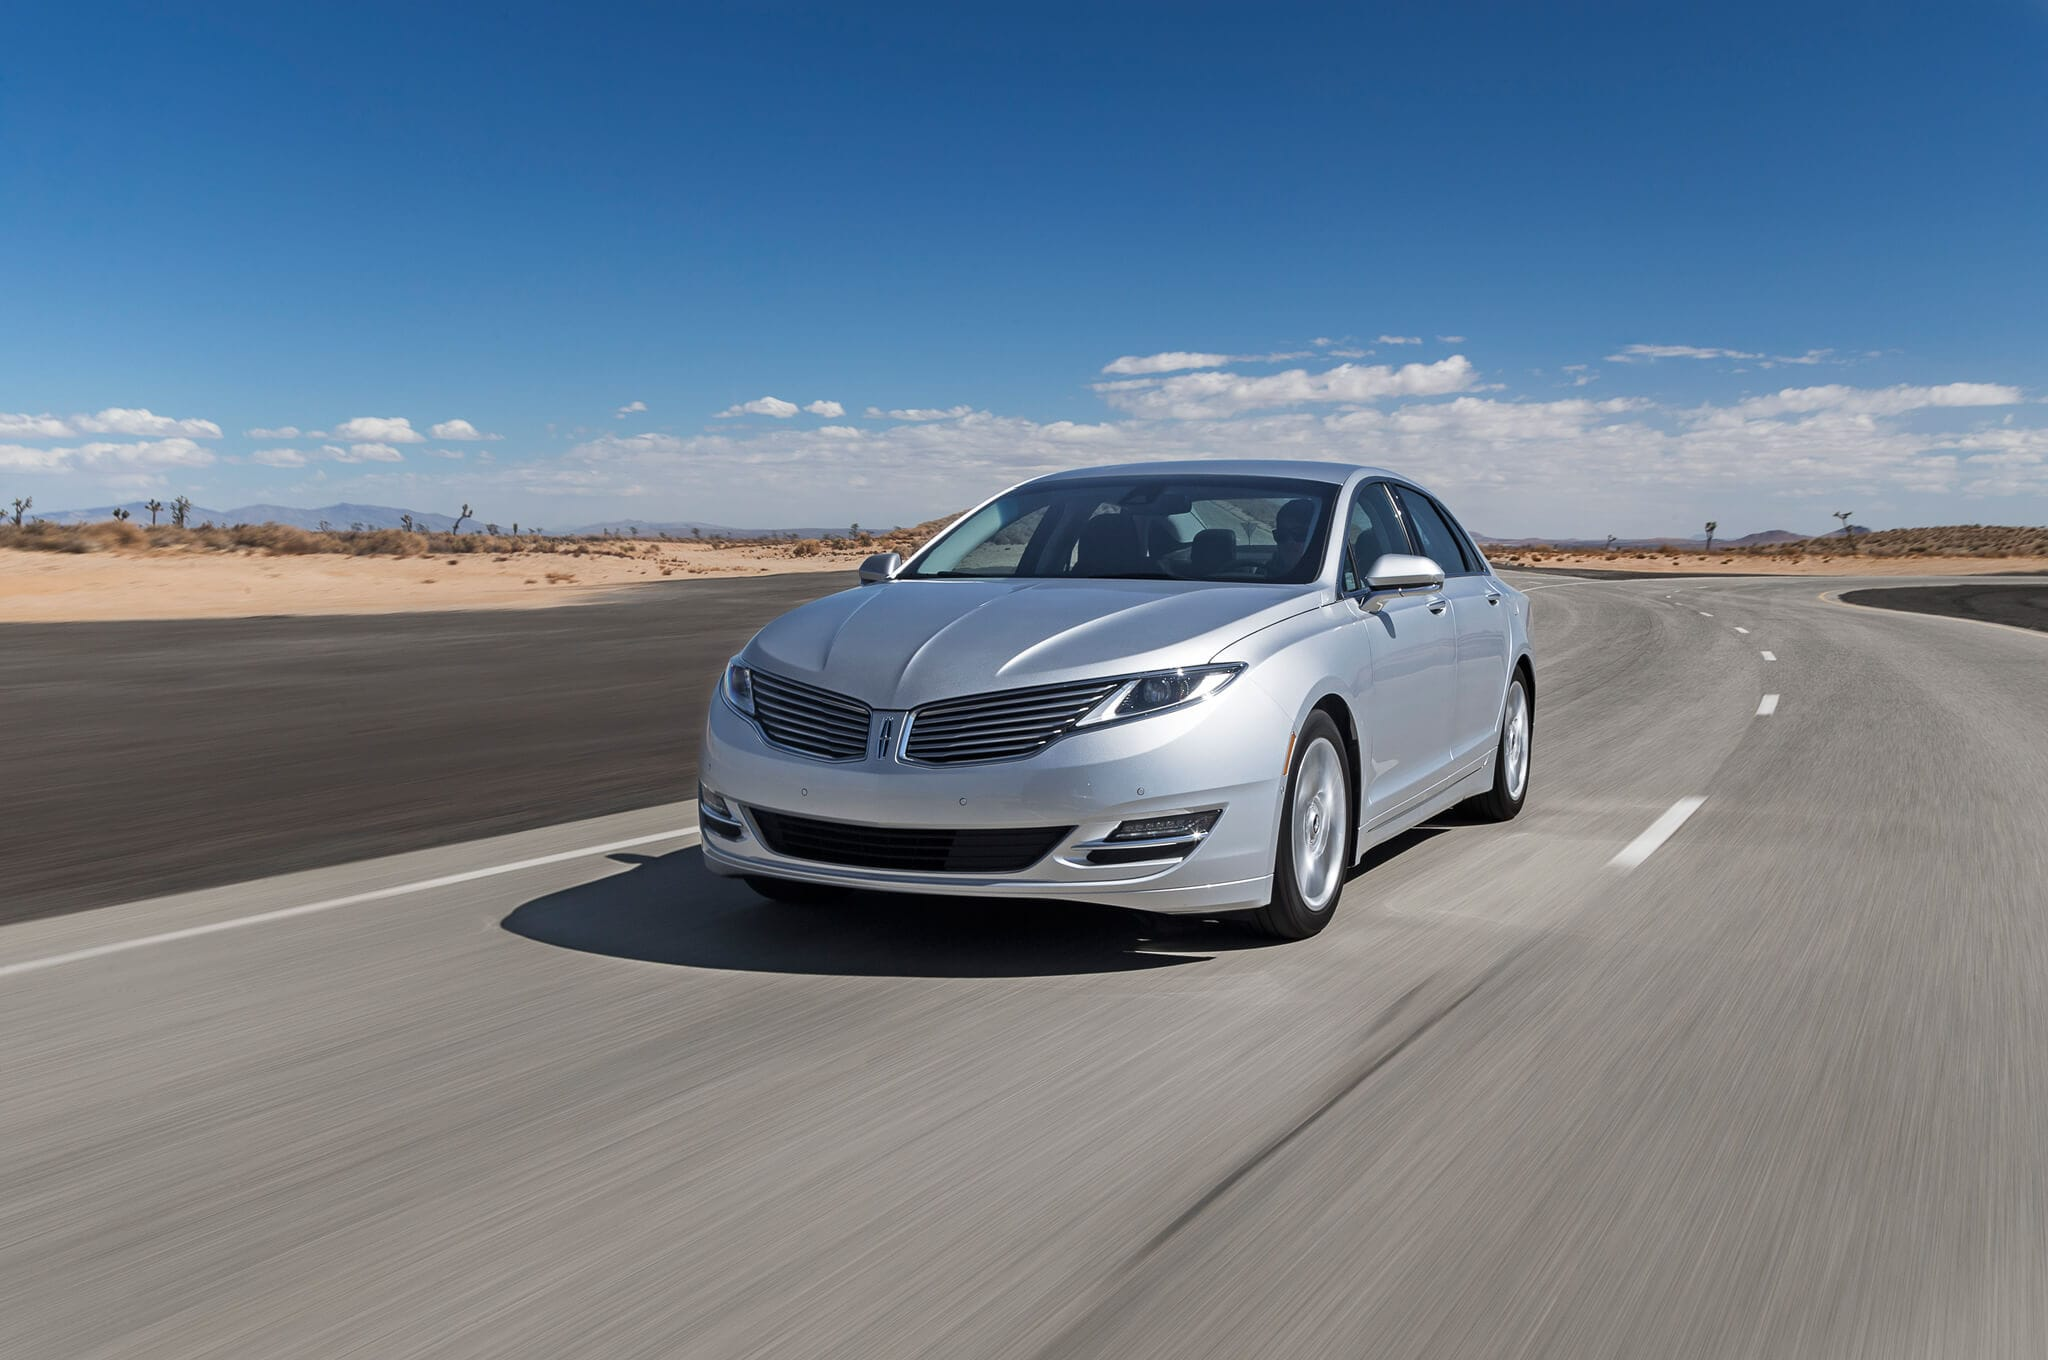 hybrids top most fuel efficient car list for 2014 greener ideal. Black Bedroom Furniture Sets. Home Design Ideas